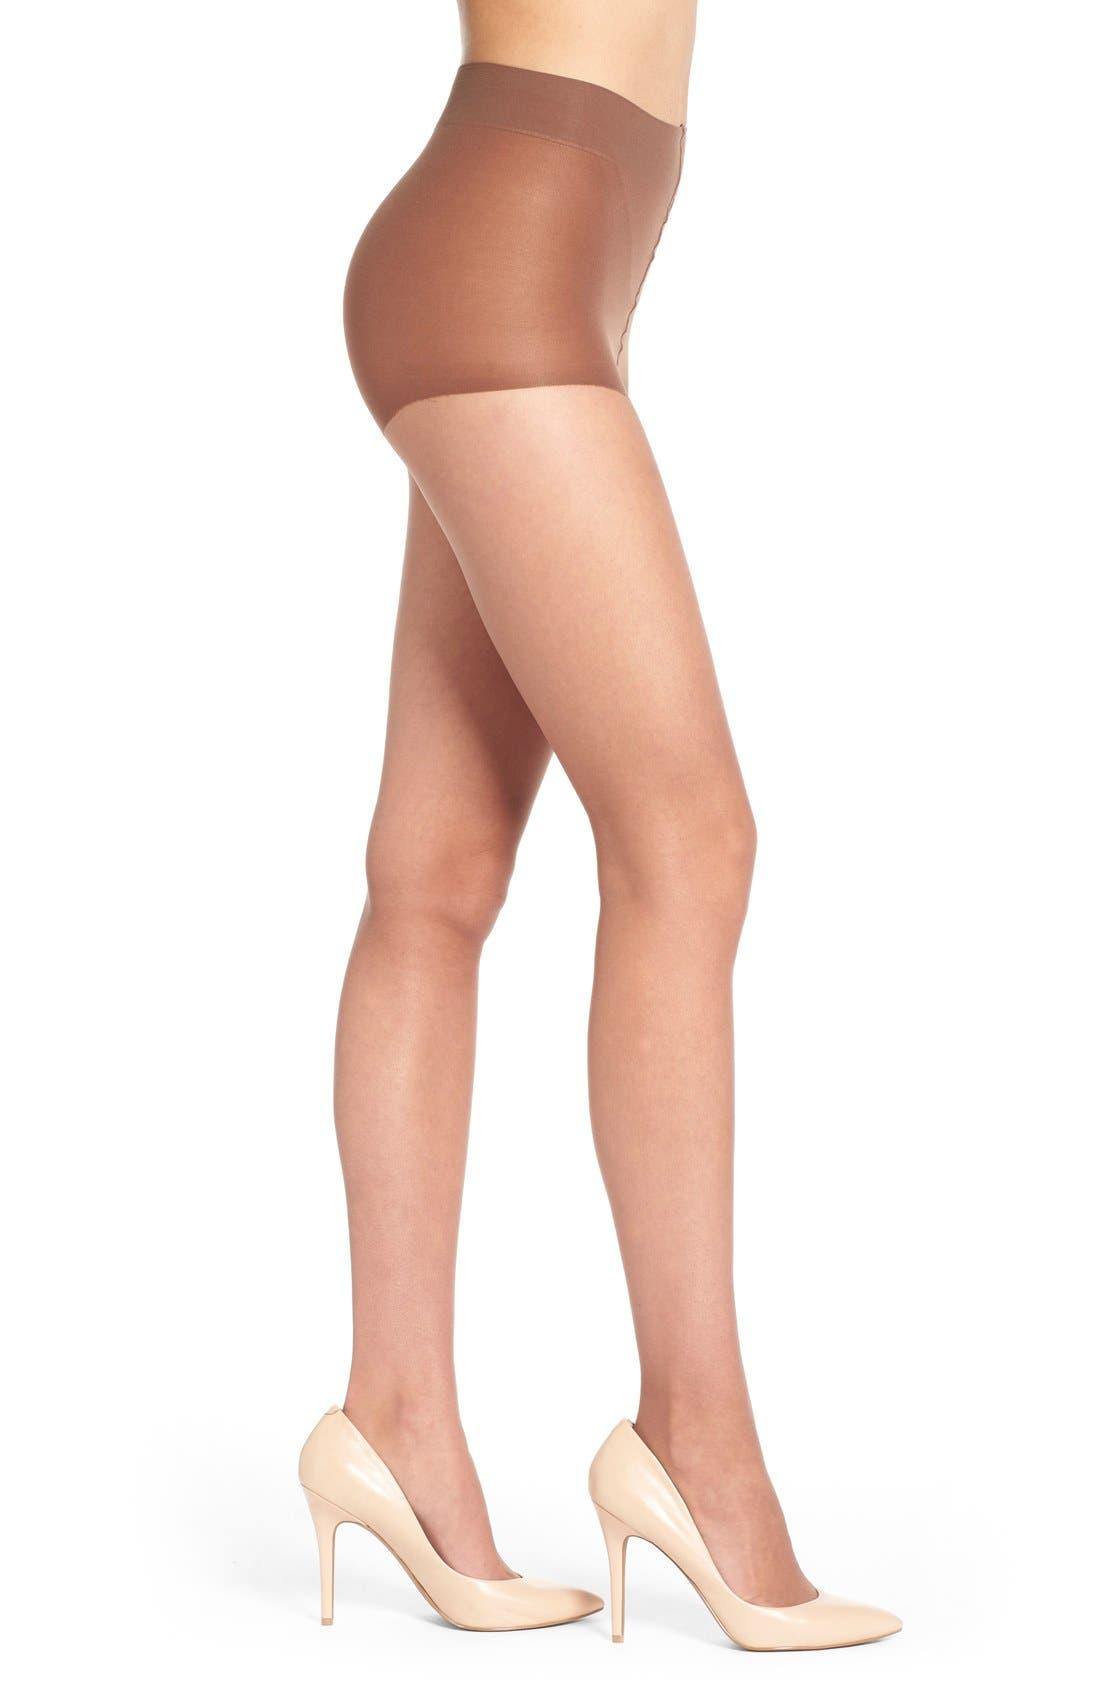 Alternate Image 1 Selected - Donna Karan The Nudes Control Top Pantyhose